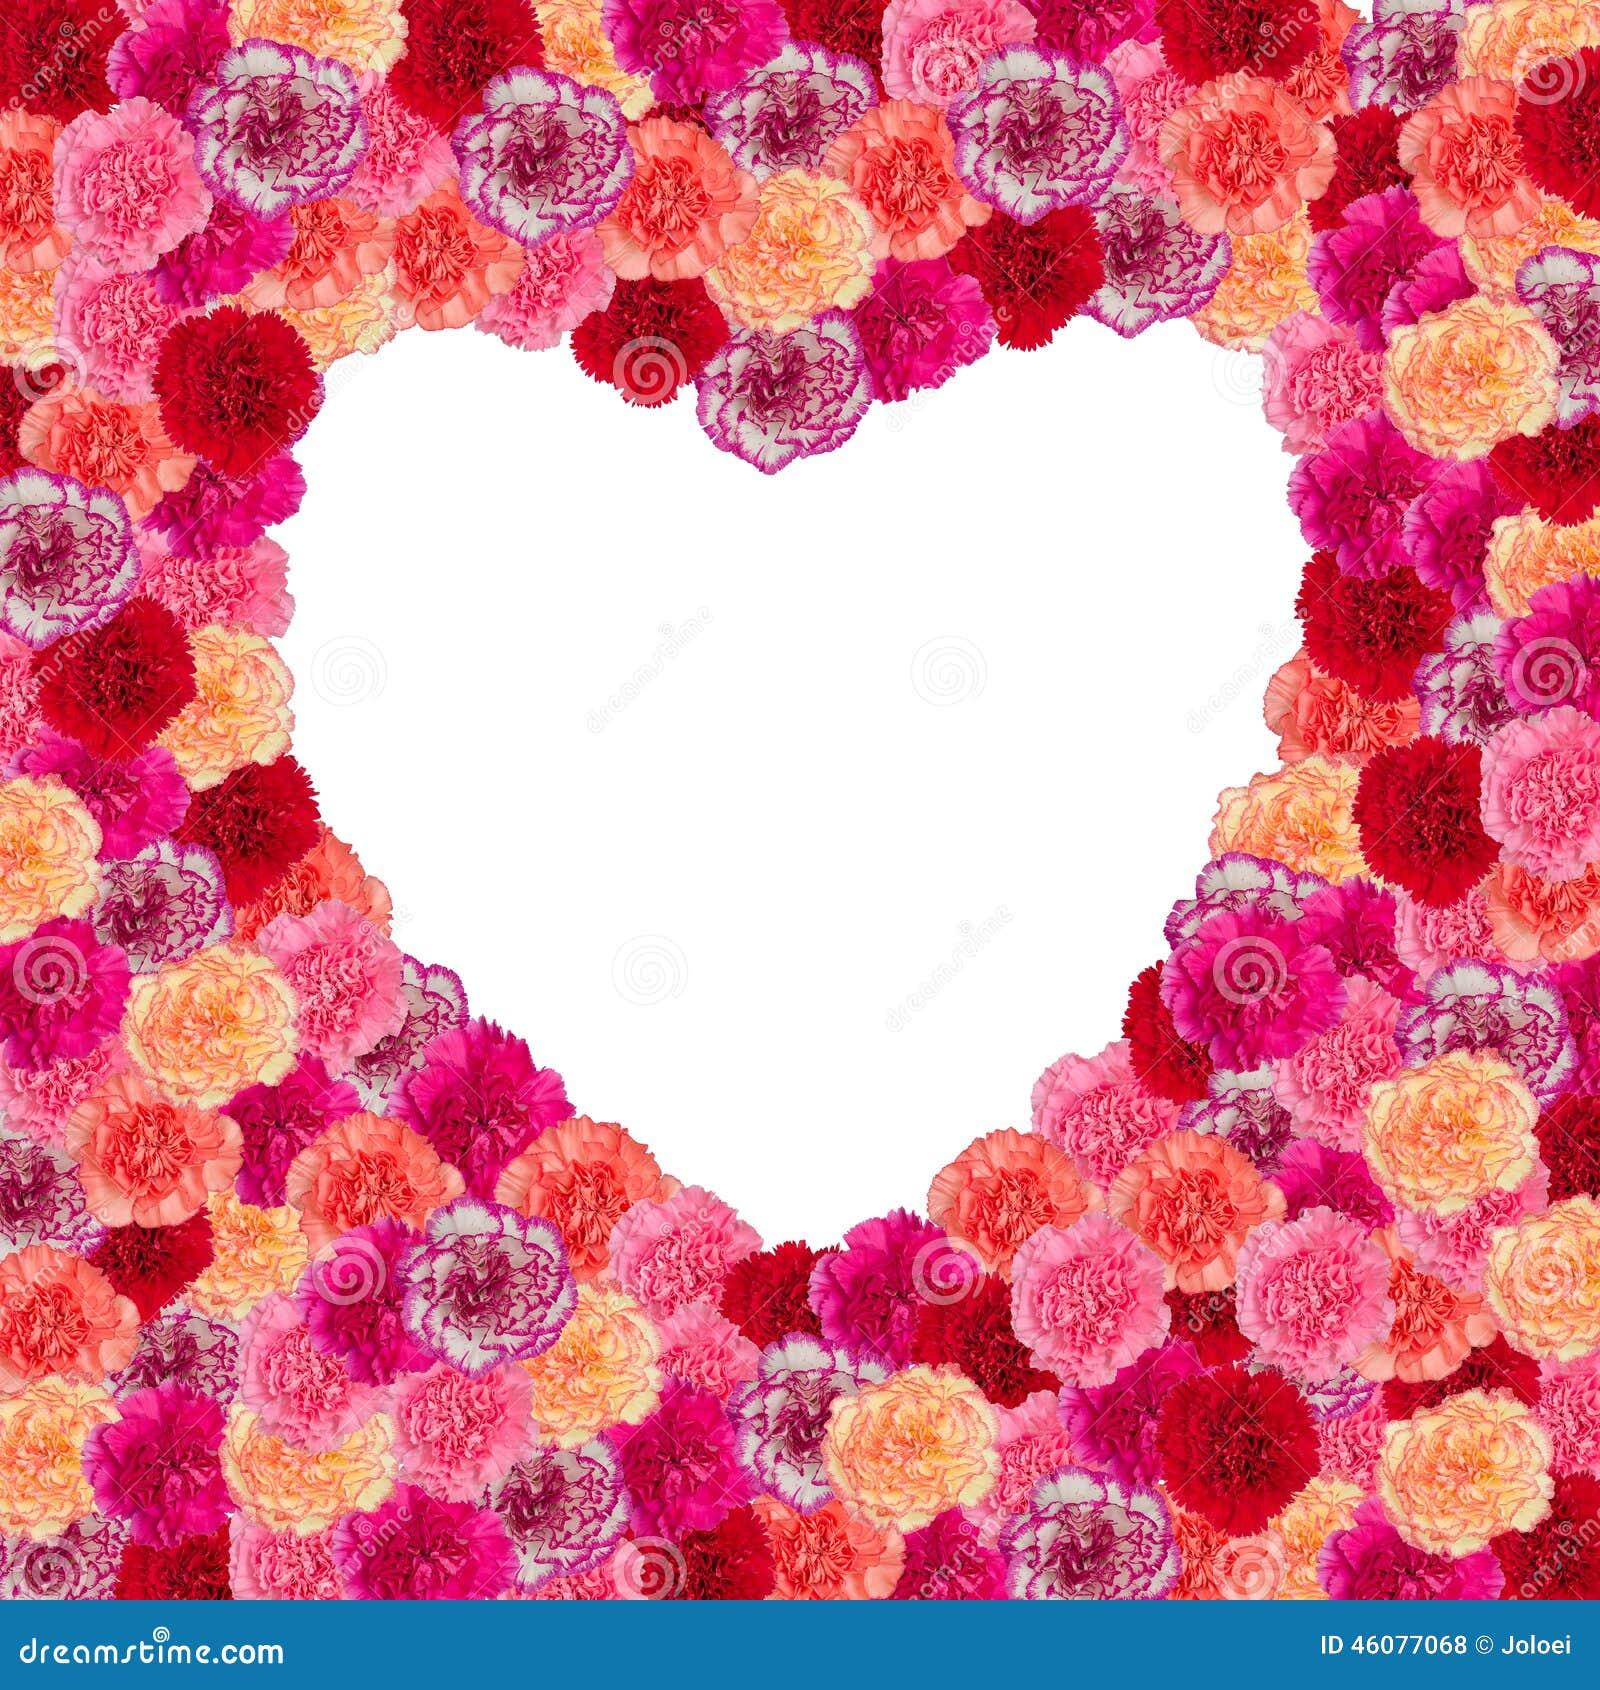 Heart Frame Of Carnation Flower Stock Photo